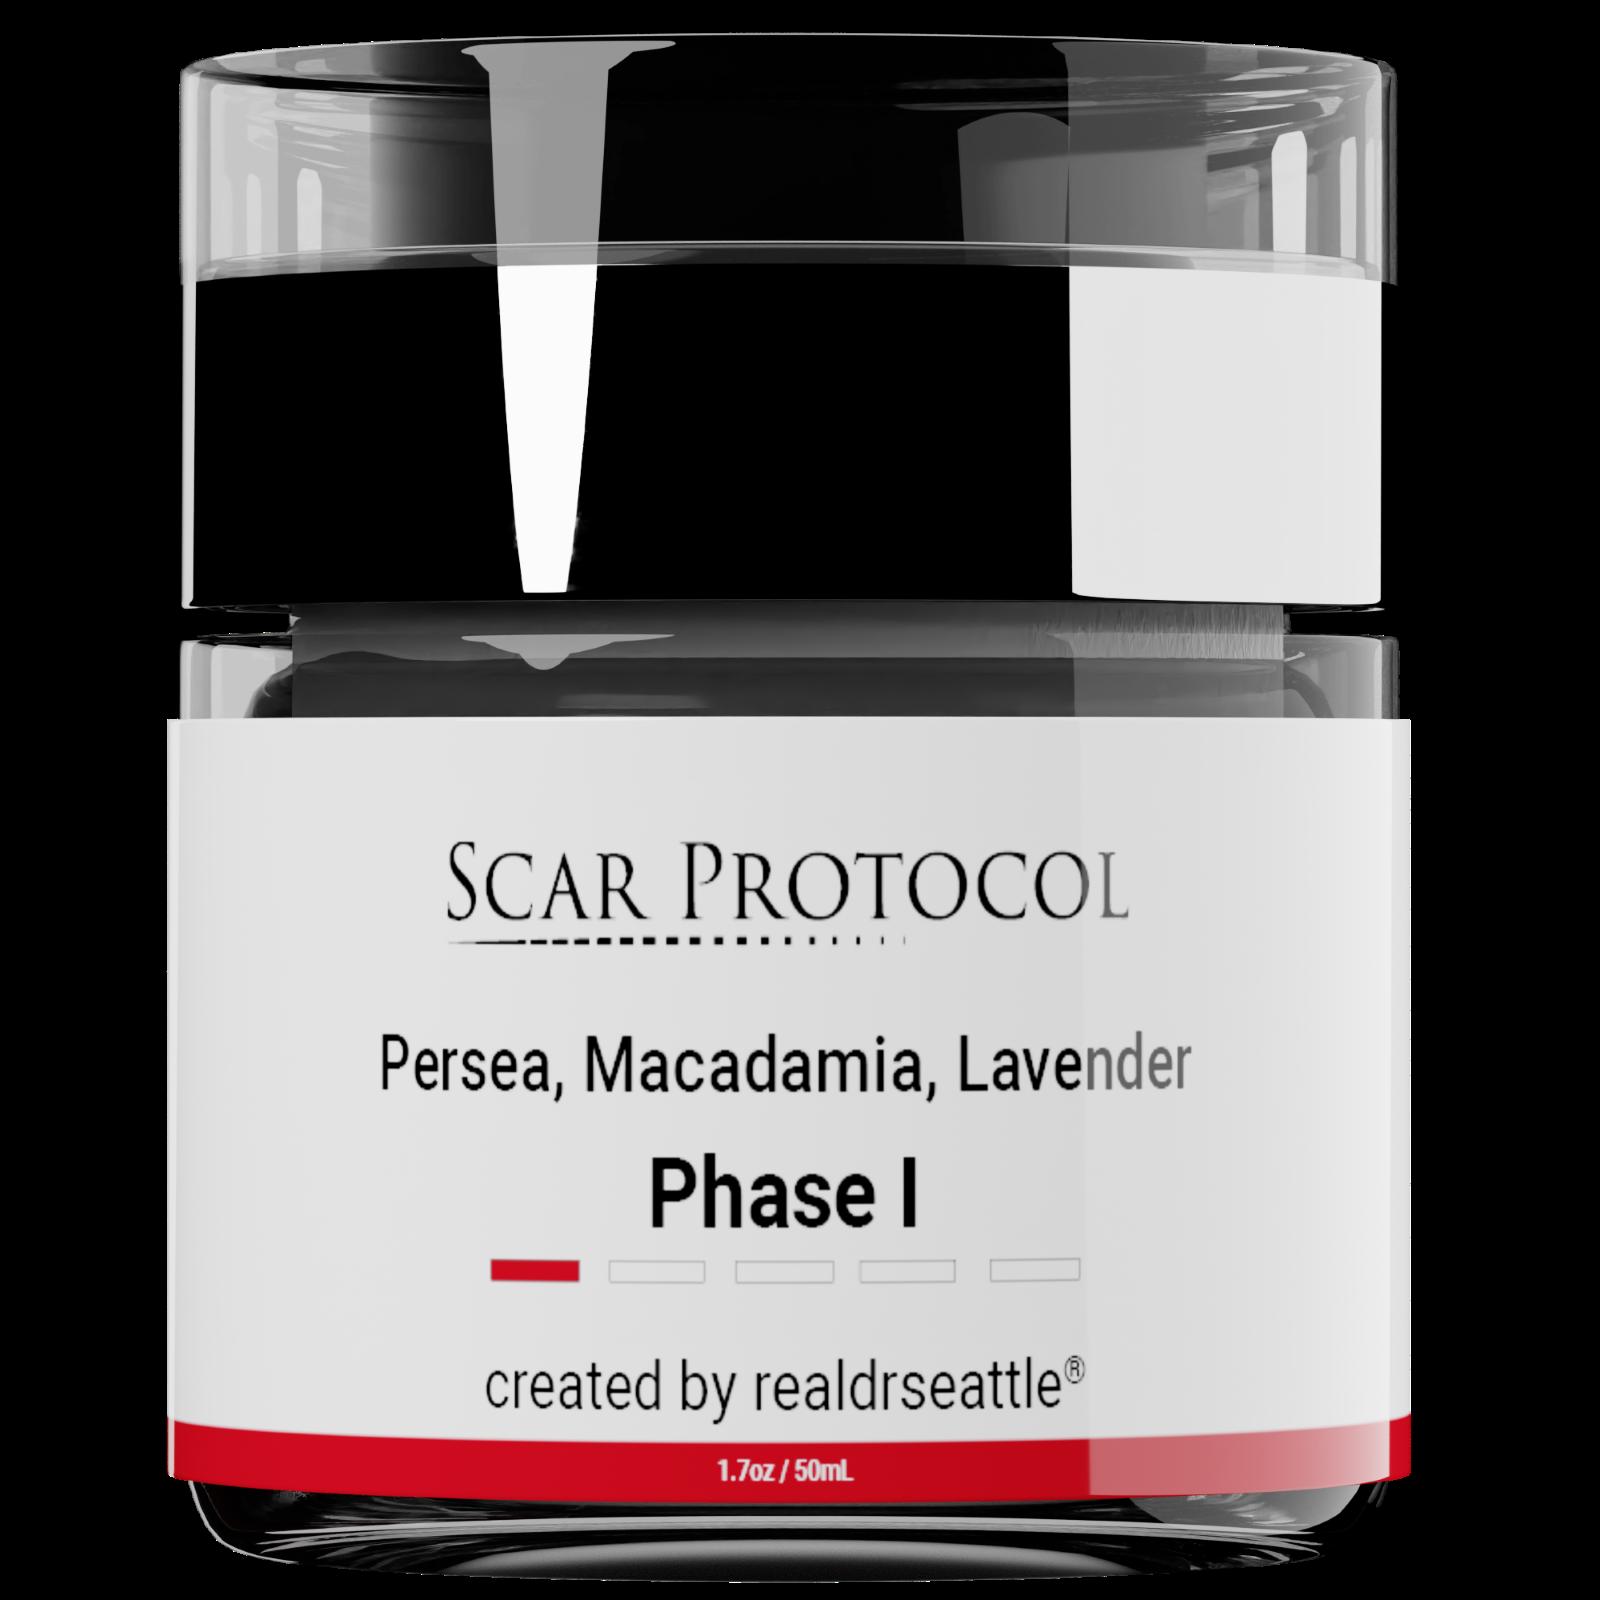 Scar Protocol Phase 1 Jar Cream